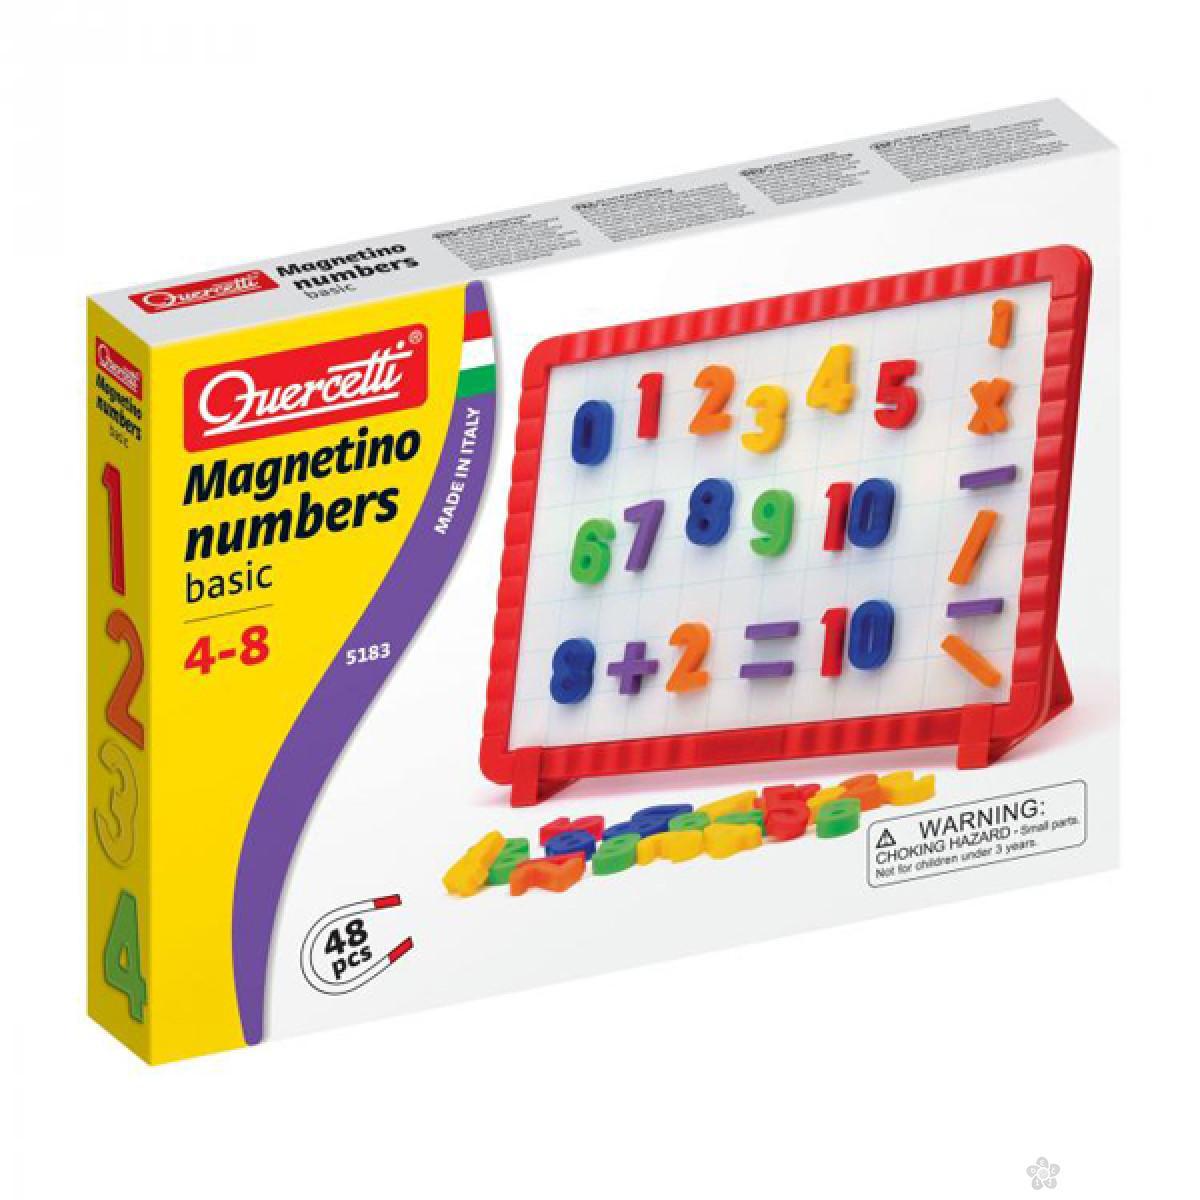 Magnetna tabla brojevi Quercetti, 5183